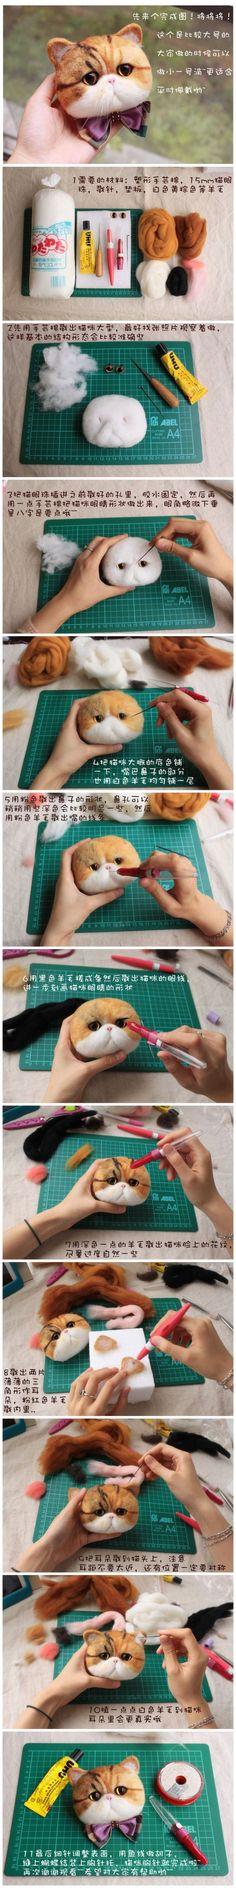 大脸猫眯教程~~…_来自-0--的图片分享-堆糖